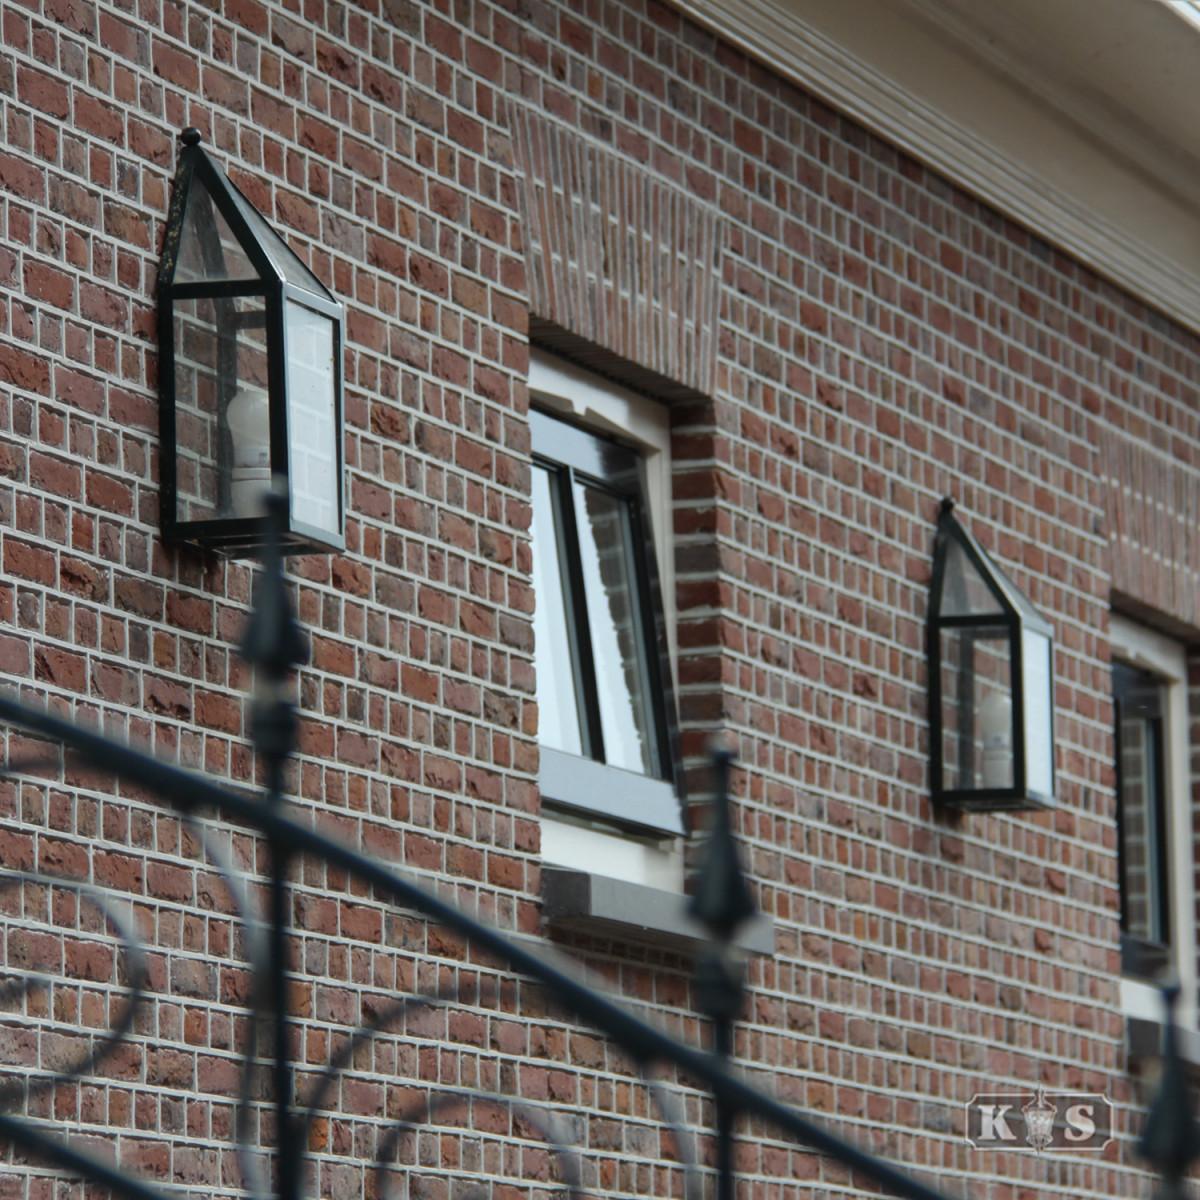 buitenwandlamp frame zwart met heldere beglazing, vormgeving van een huisje, gooise stijl wandverlichting voor buiten, e27 fitting zichtbaar in de buitenlamp